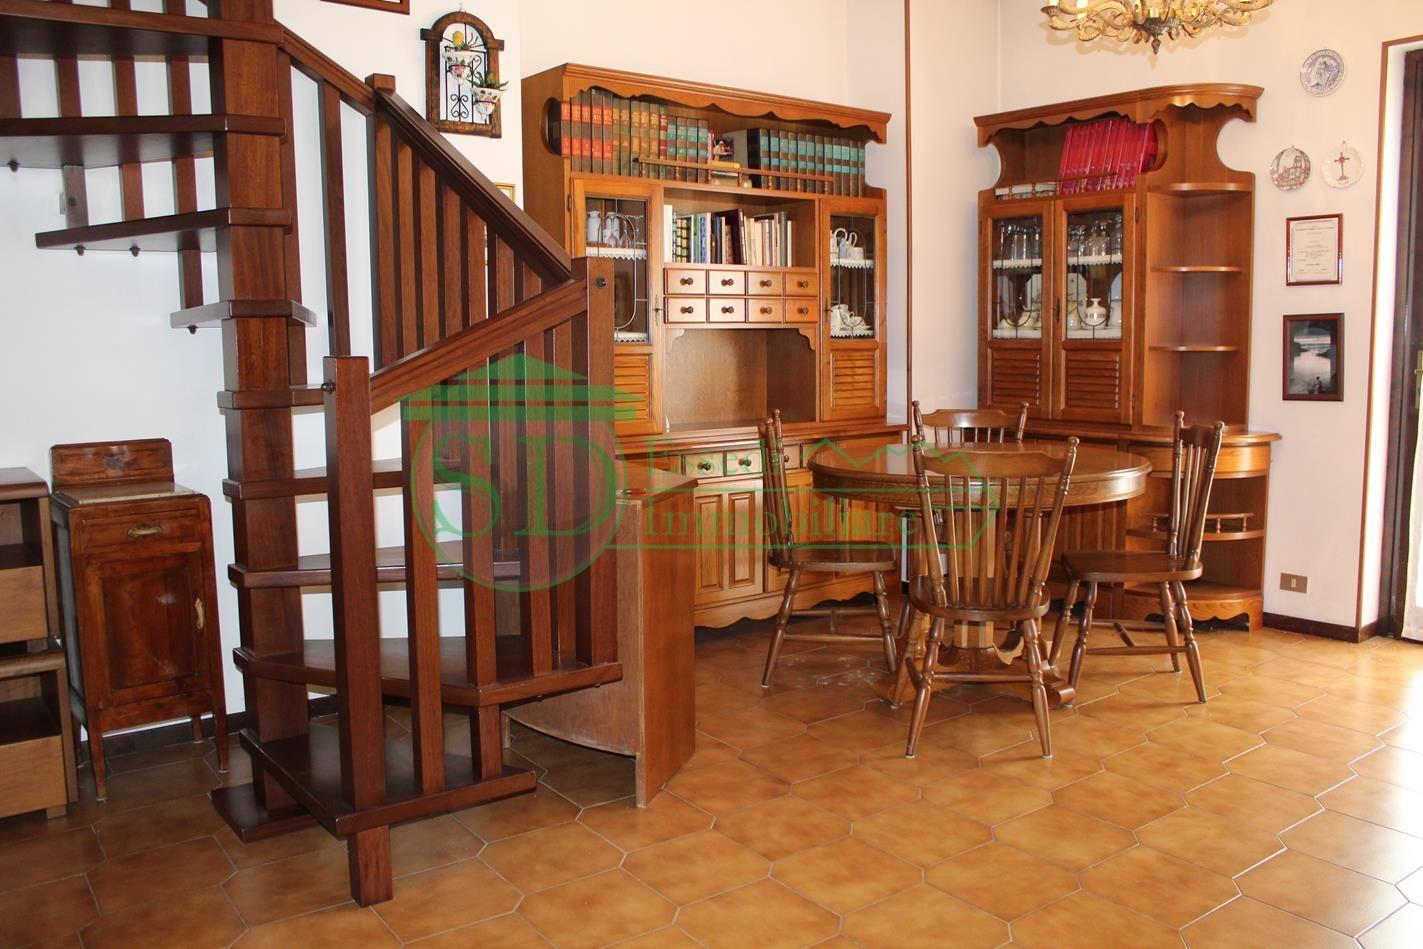 Camere Da Letto Lodi appartamento in vendita a lodi cod. 154